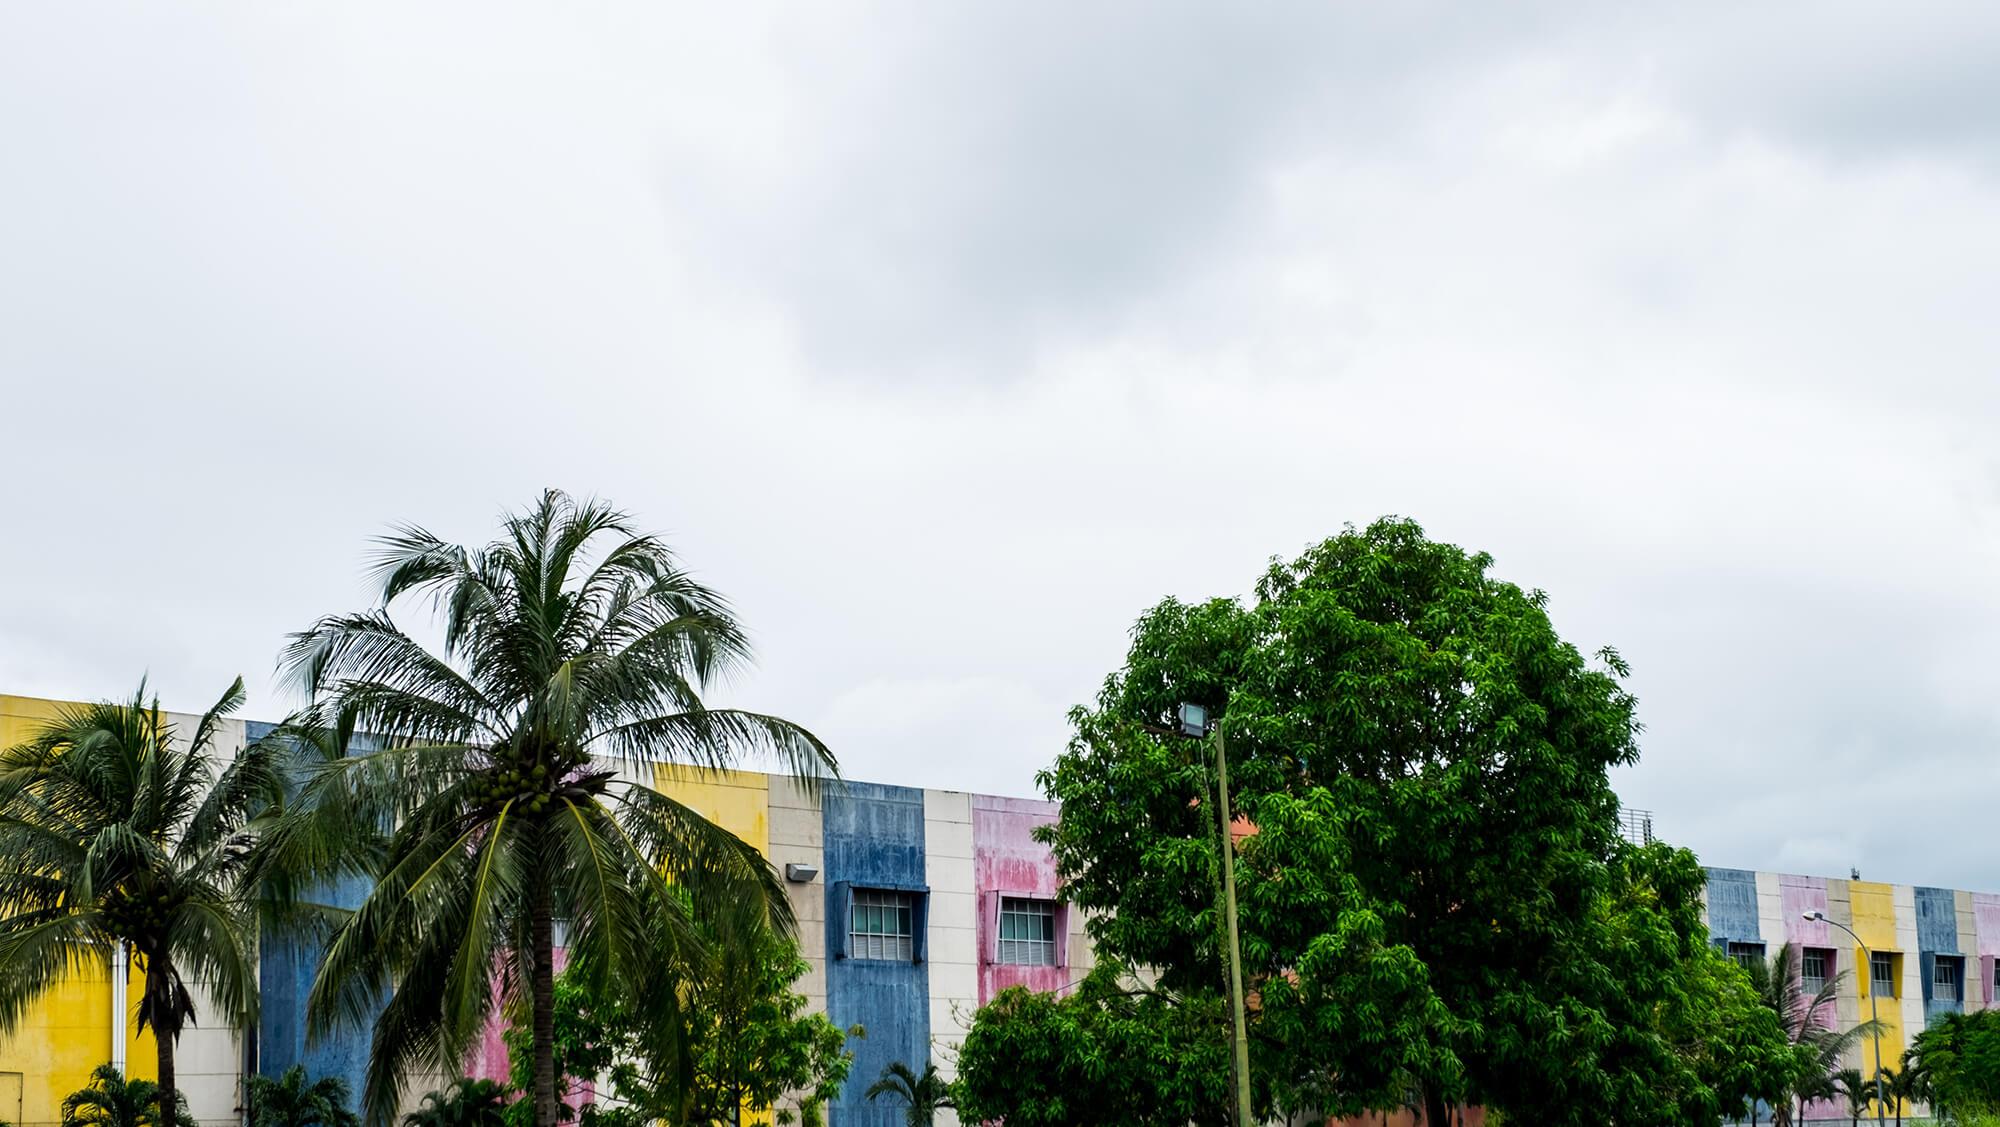 Vegetación invade edificios en Manado, Sulawesi, Indonesia